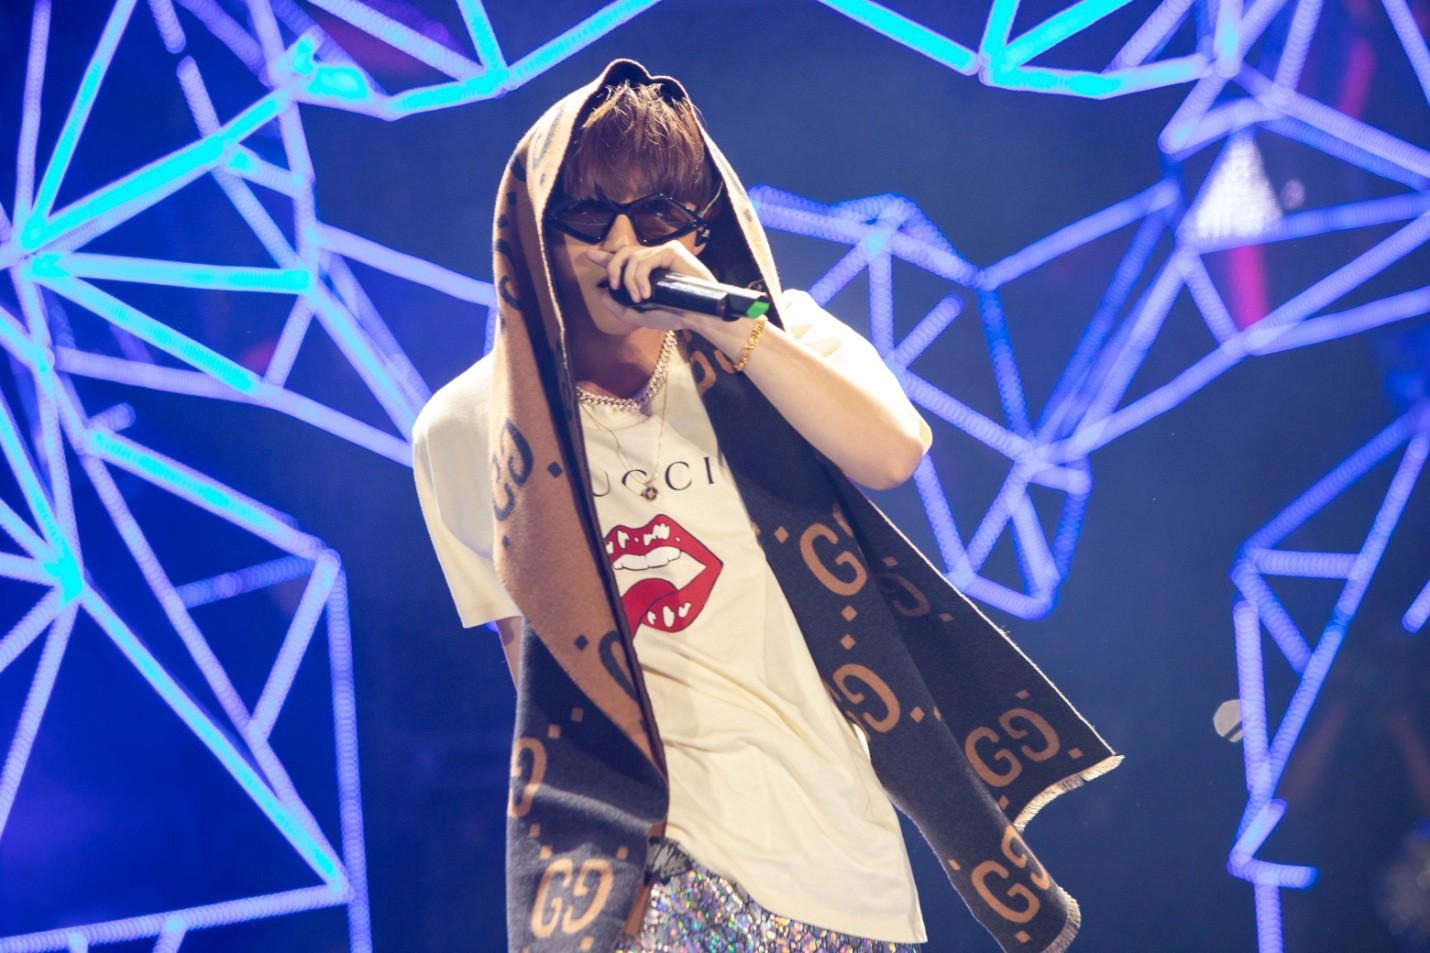 """Sau khăn """"bà ngoại"""", Sơn Tùng tiếp tục khiến fan """"bấn loạn"""" với style """"ông ngoại quốc dân"""" - Ảnh 1."""